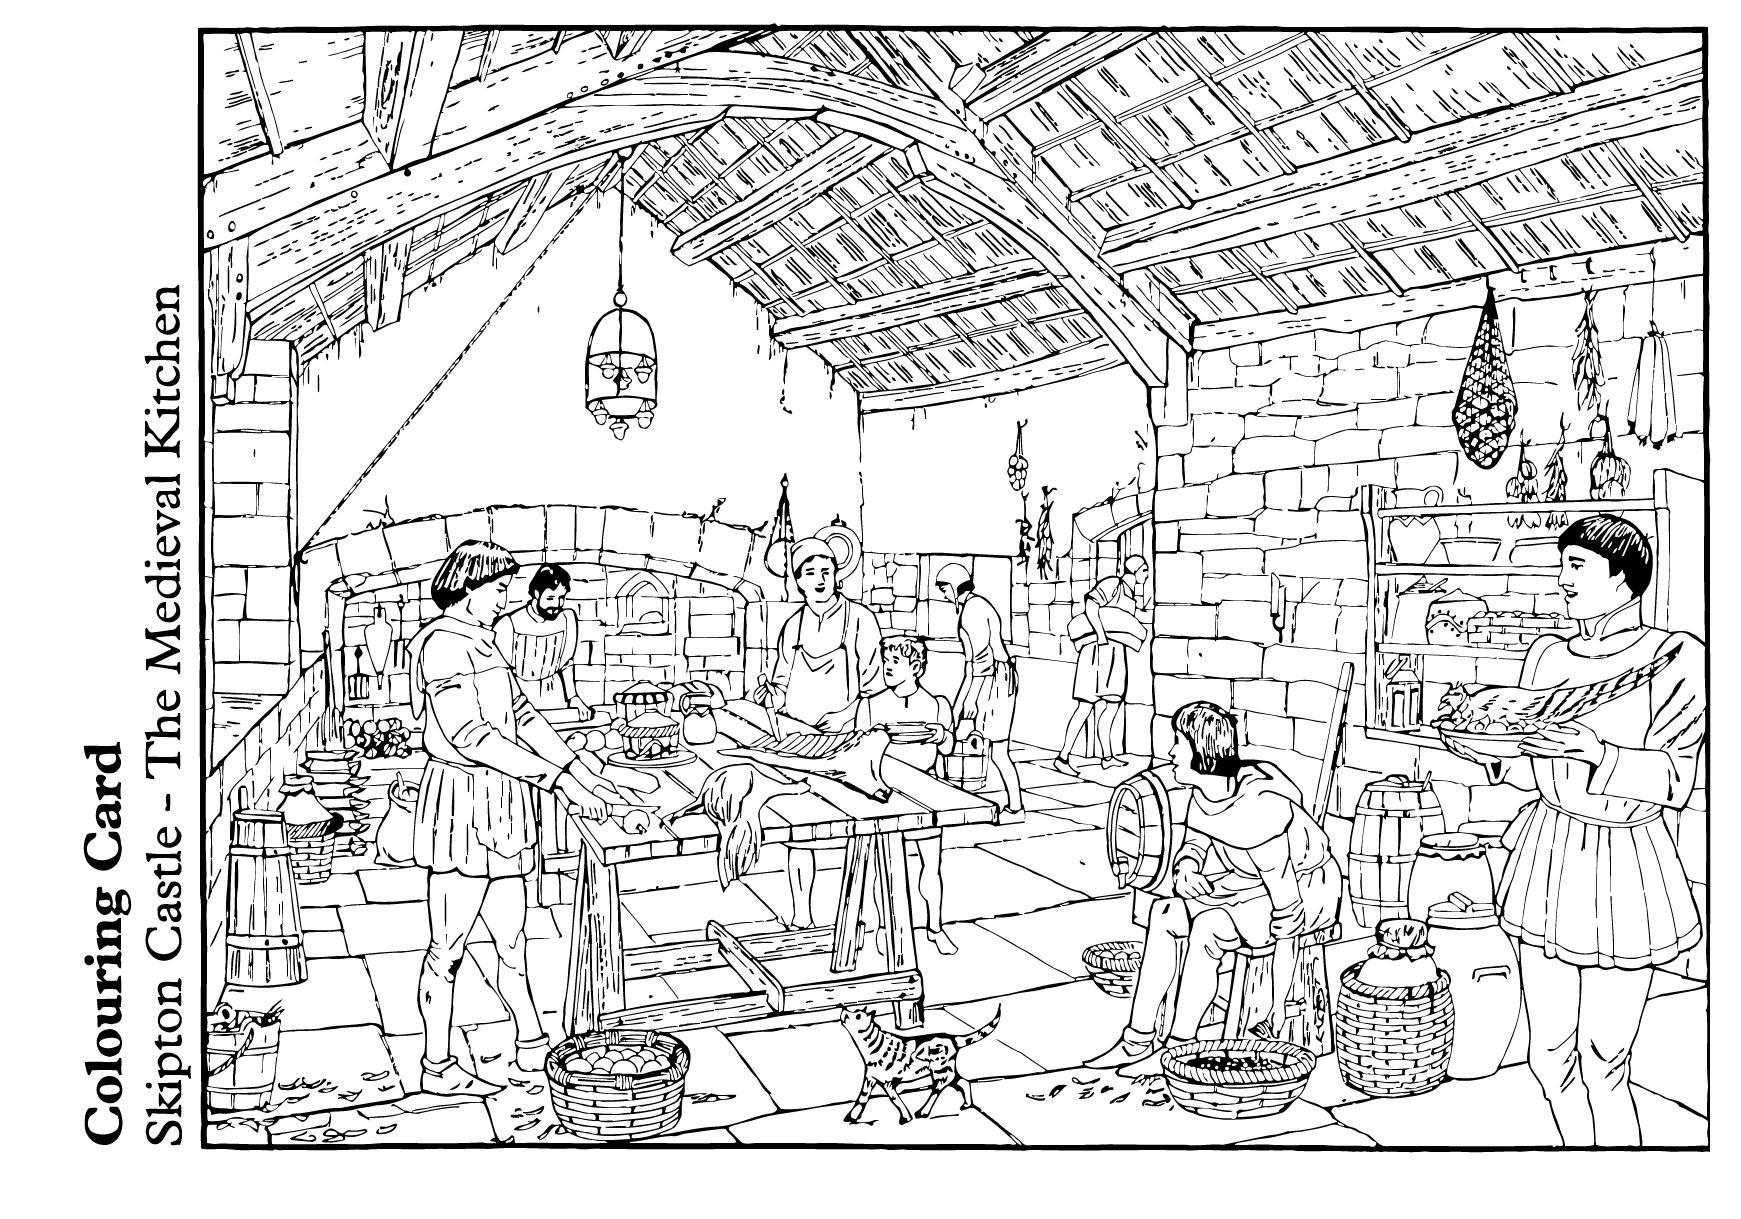 Free disegno da colorare la cucina medievale cat with - Colorare pareti cucina ...